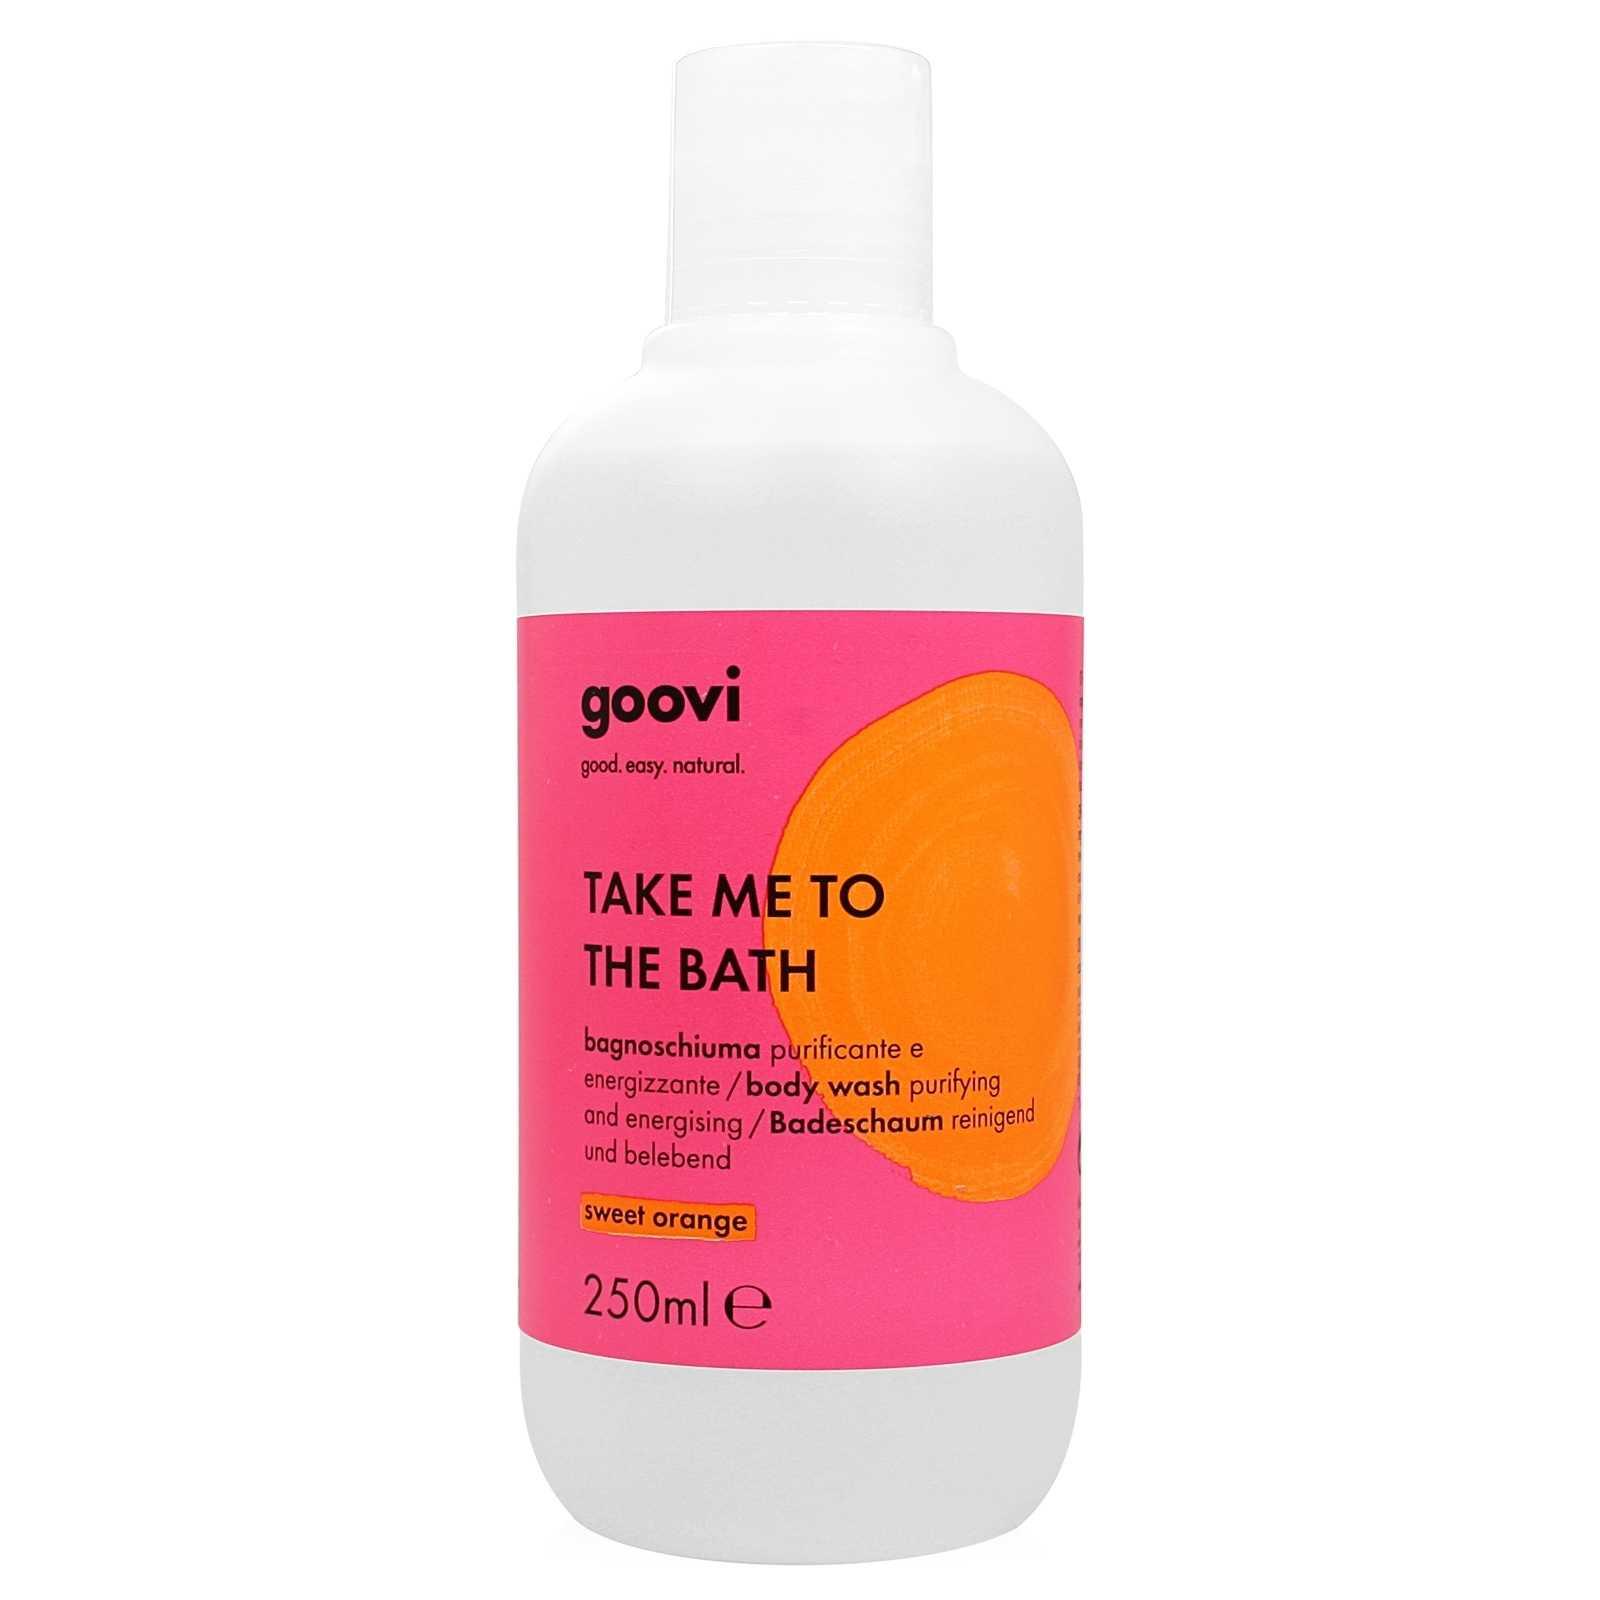 Goovi - Take me to the Bath - Bagnoschiuma Purificante e Energizzante